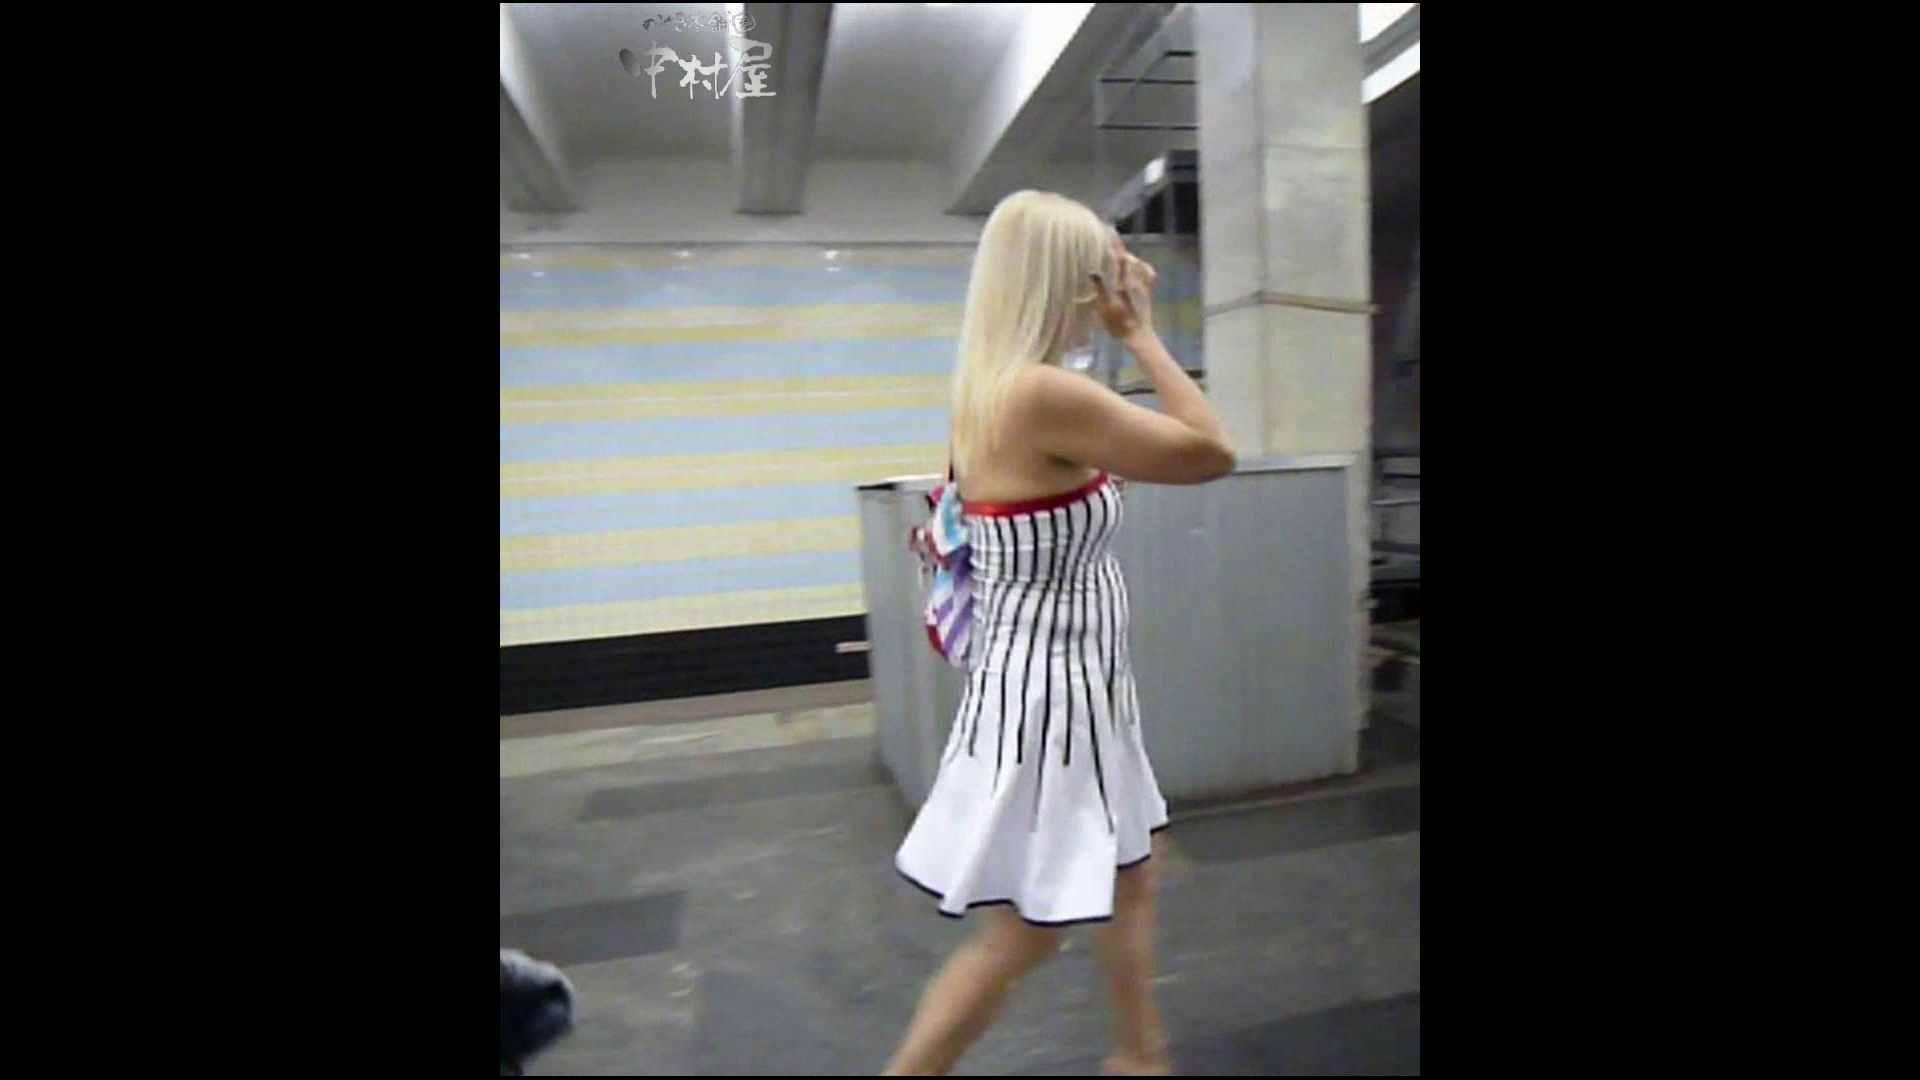 綺麗なモデルさんのスカート捲っちゃおう‼ vol27 お姉さんヌード | OLセックス  97画像 61